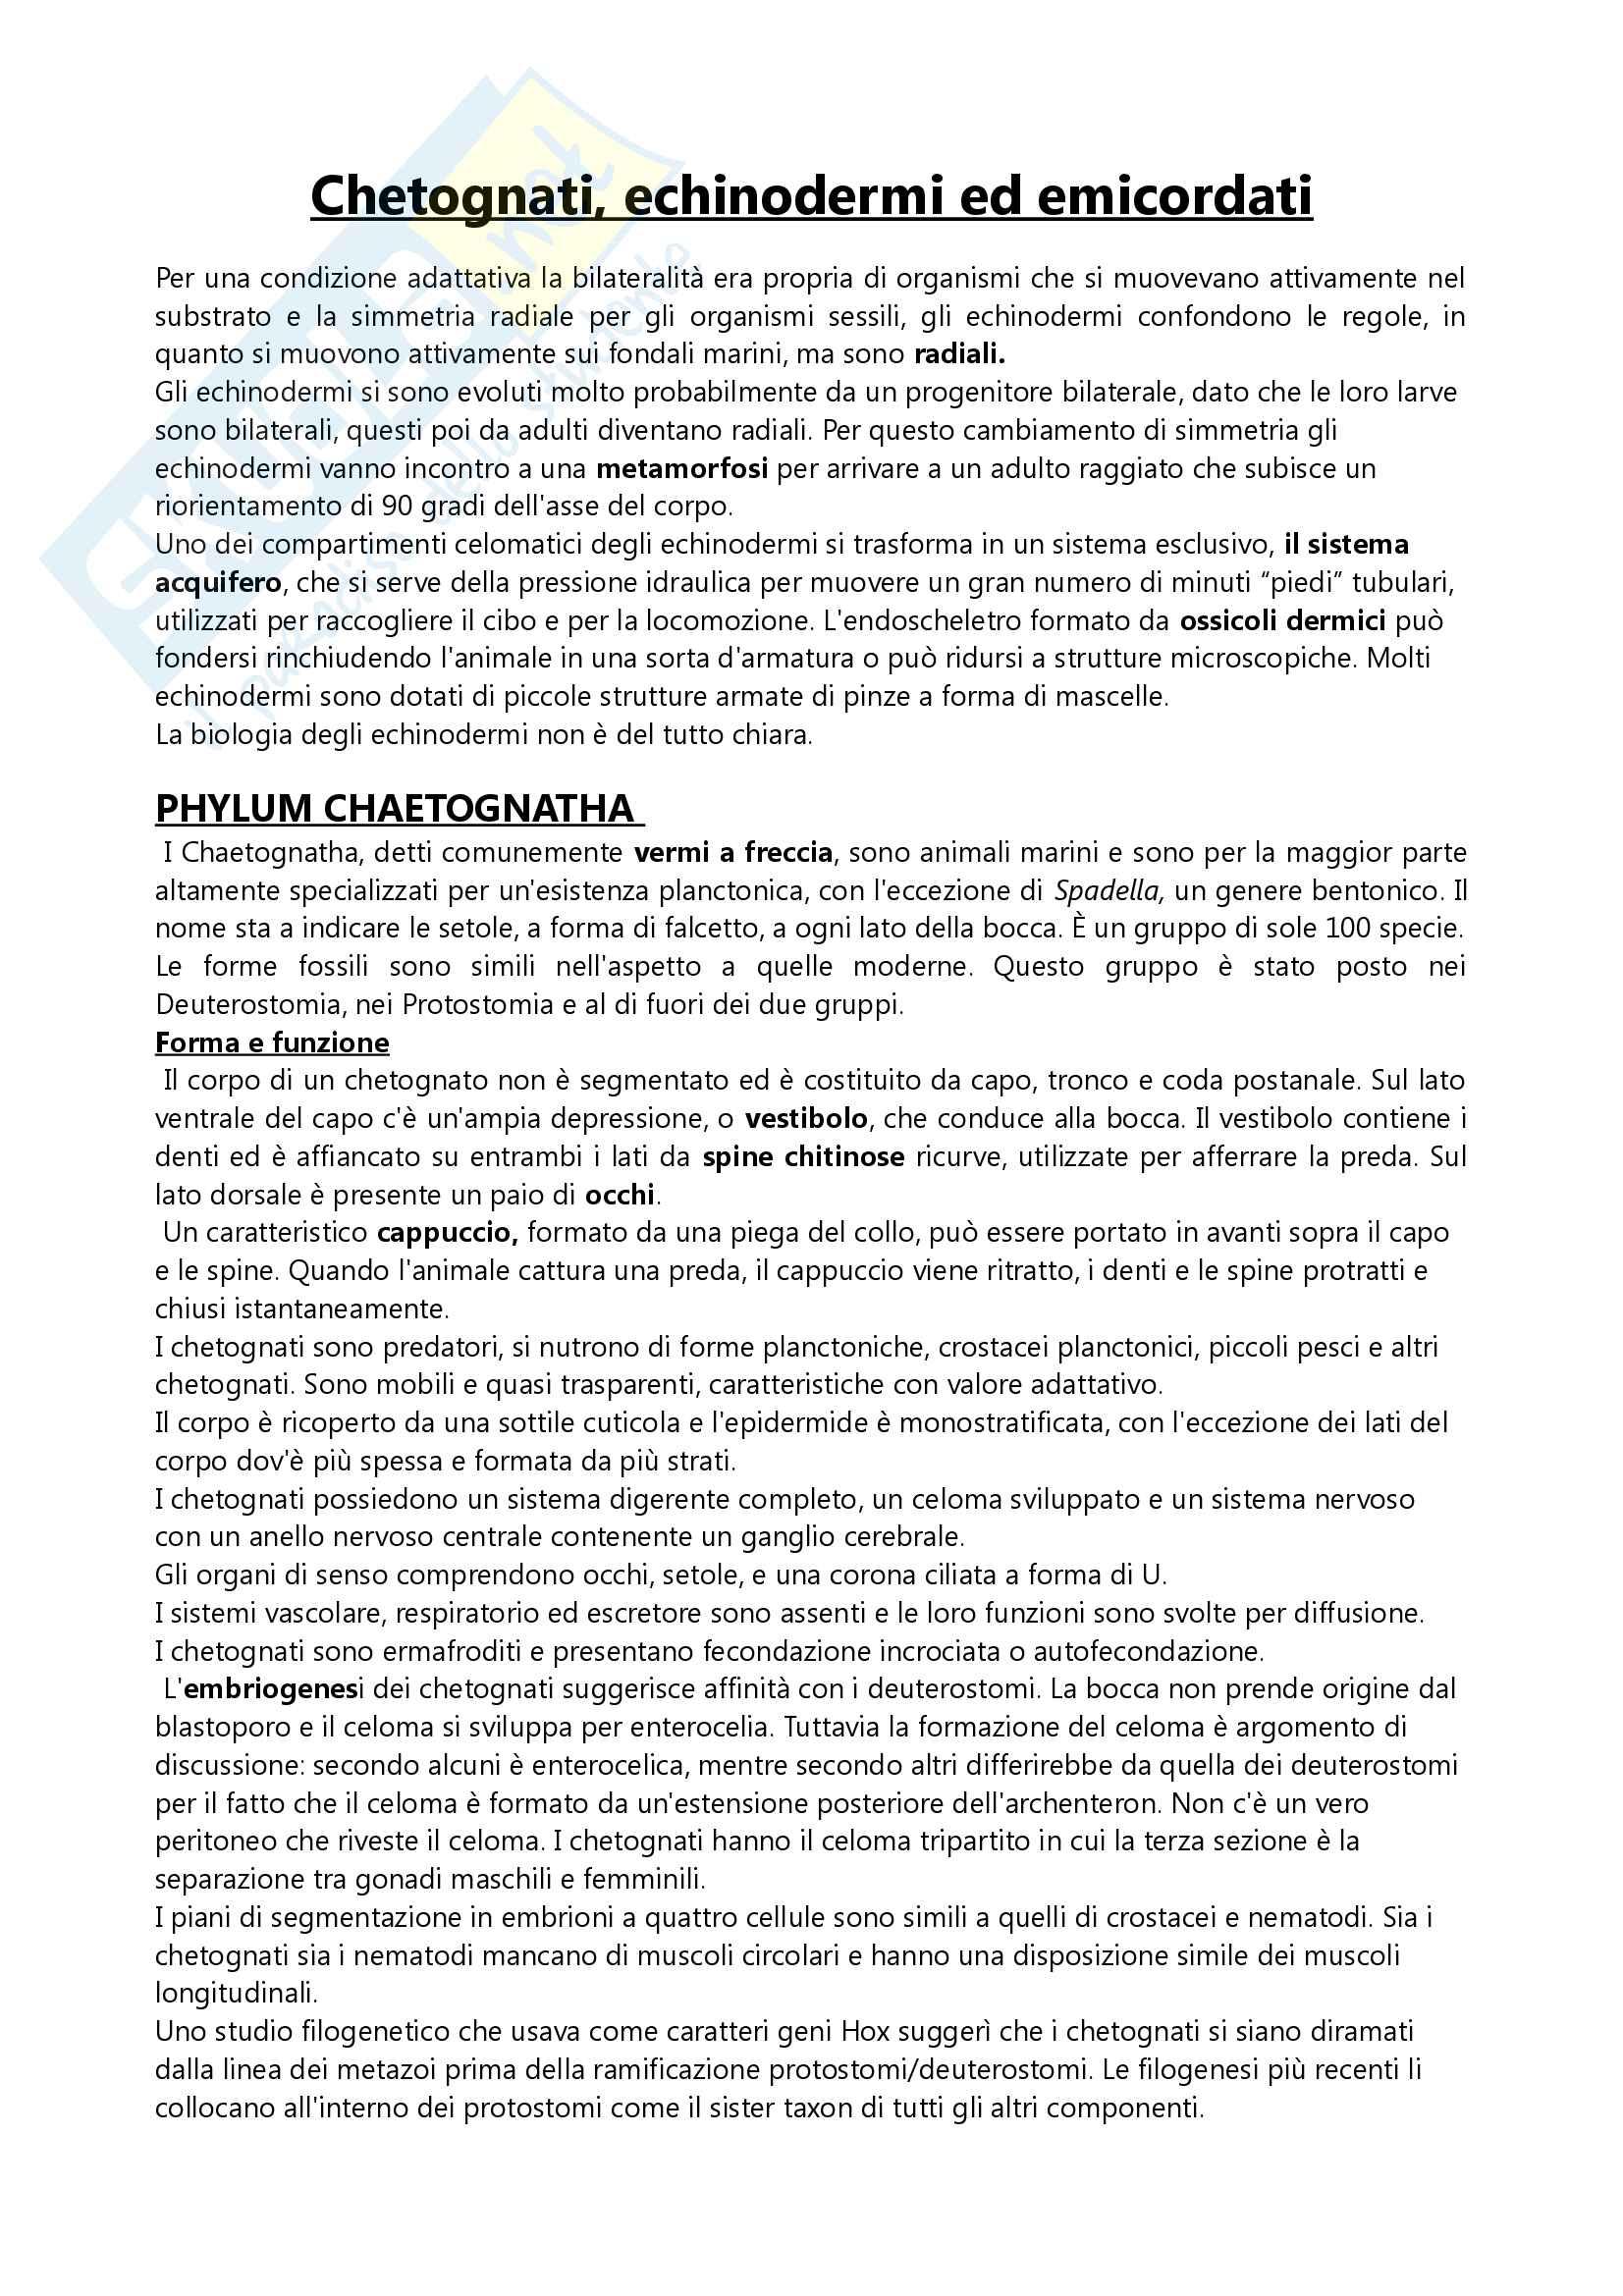 Appunti su Chetognati echinodermi ed emicordati, Esame di Zoologia